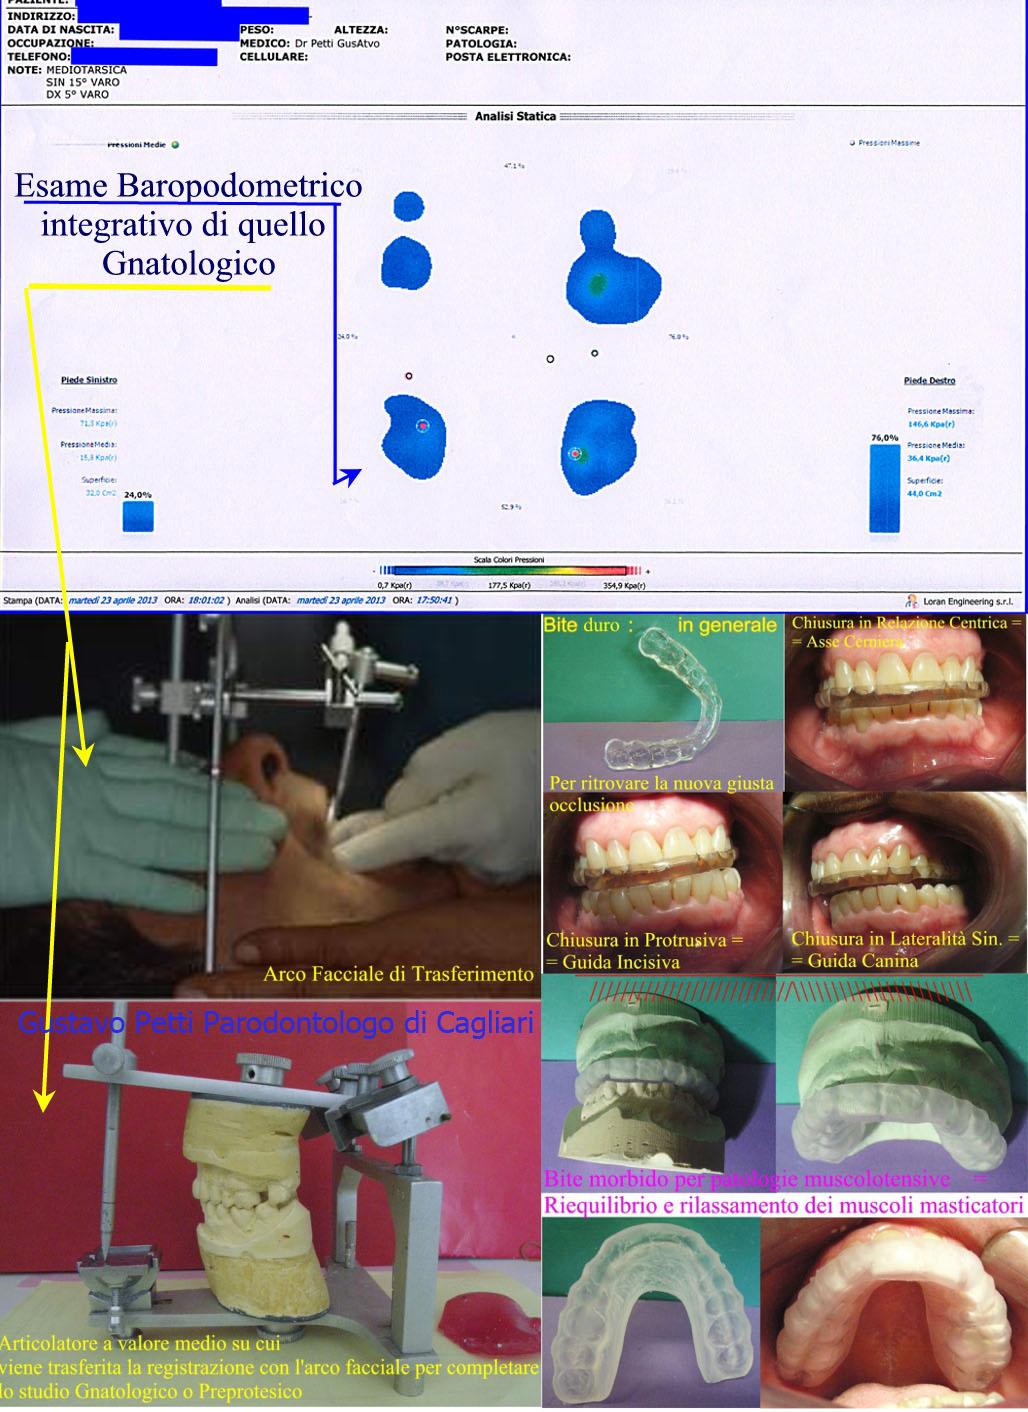 analisi-gnatologica-dr-g.petti-cagliari-2511.jpg